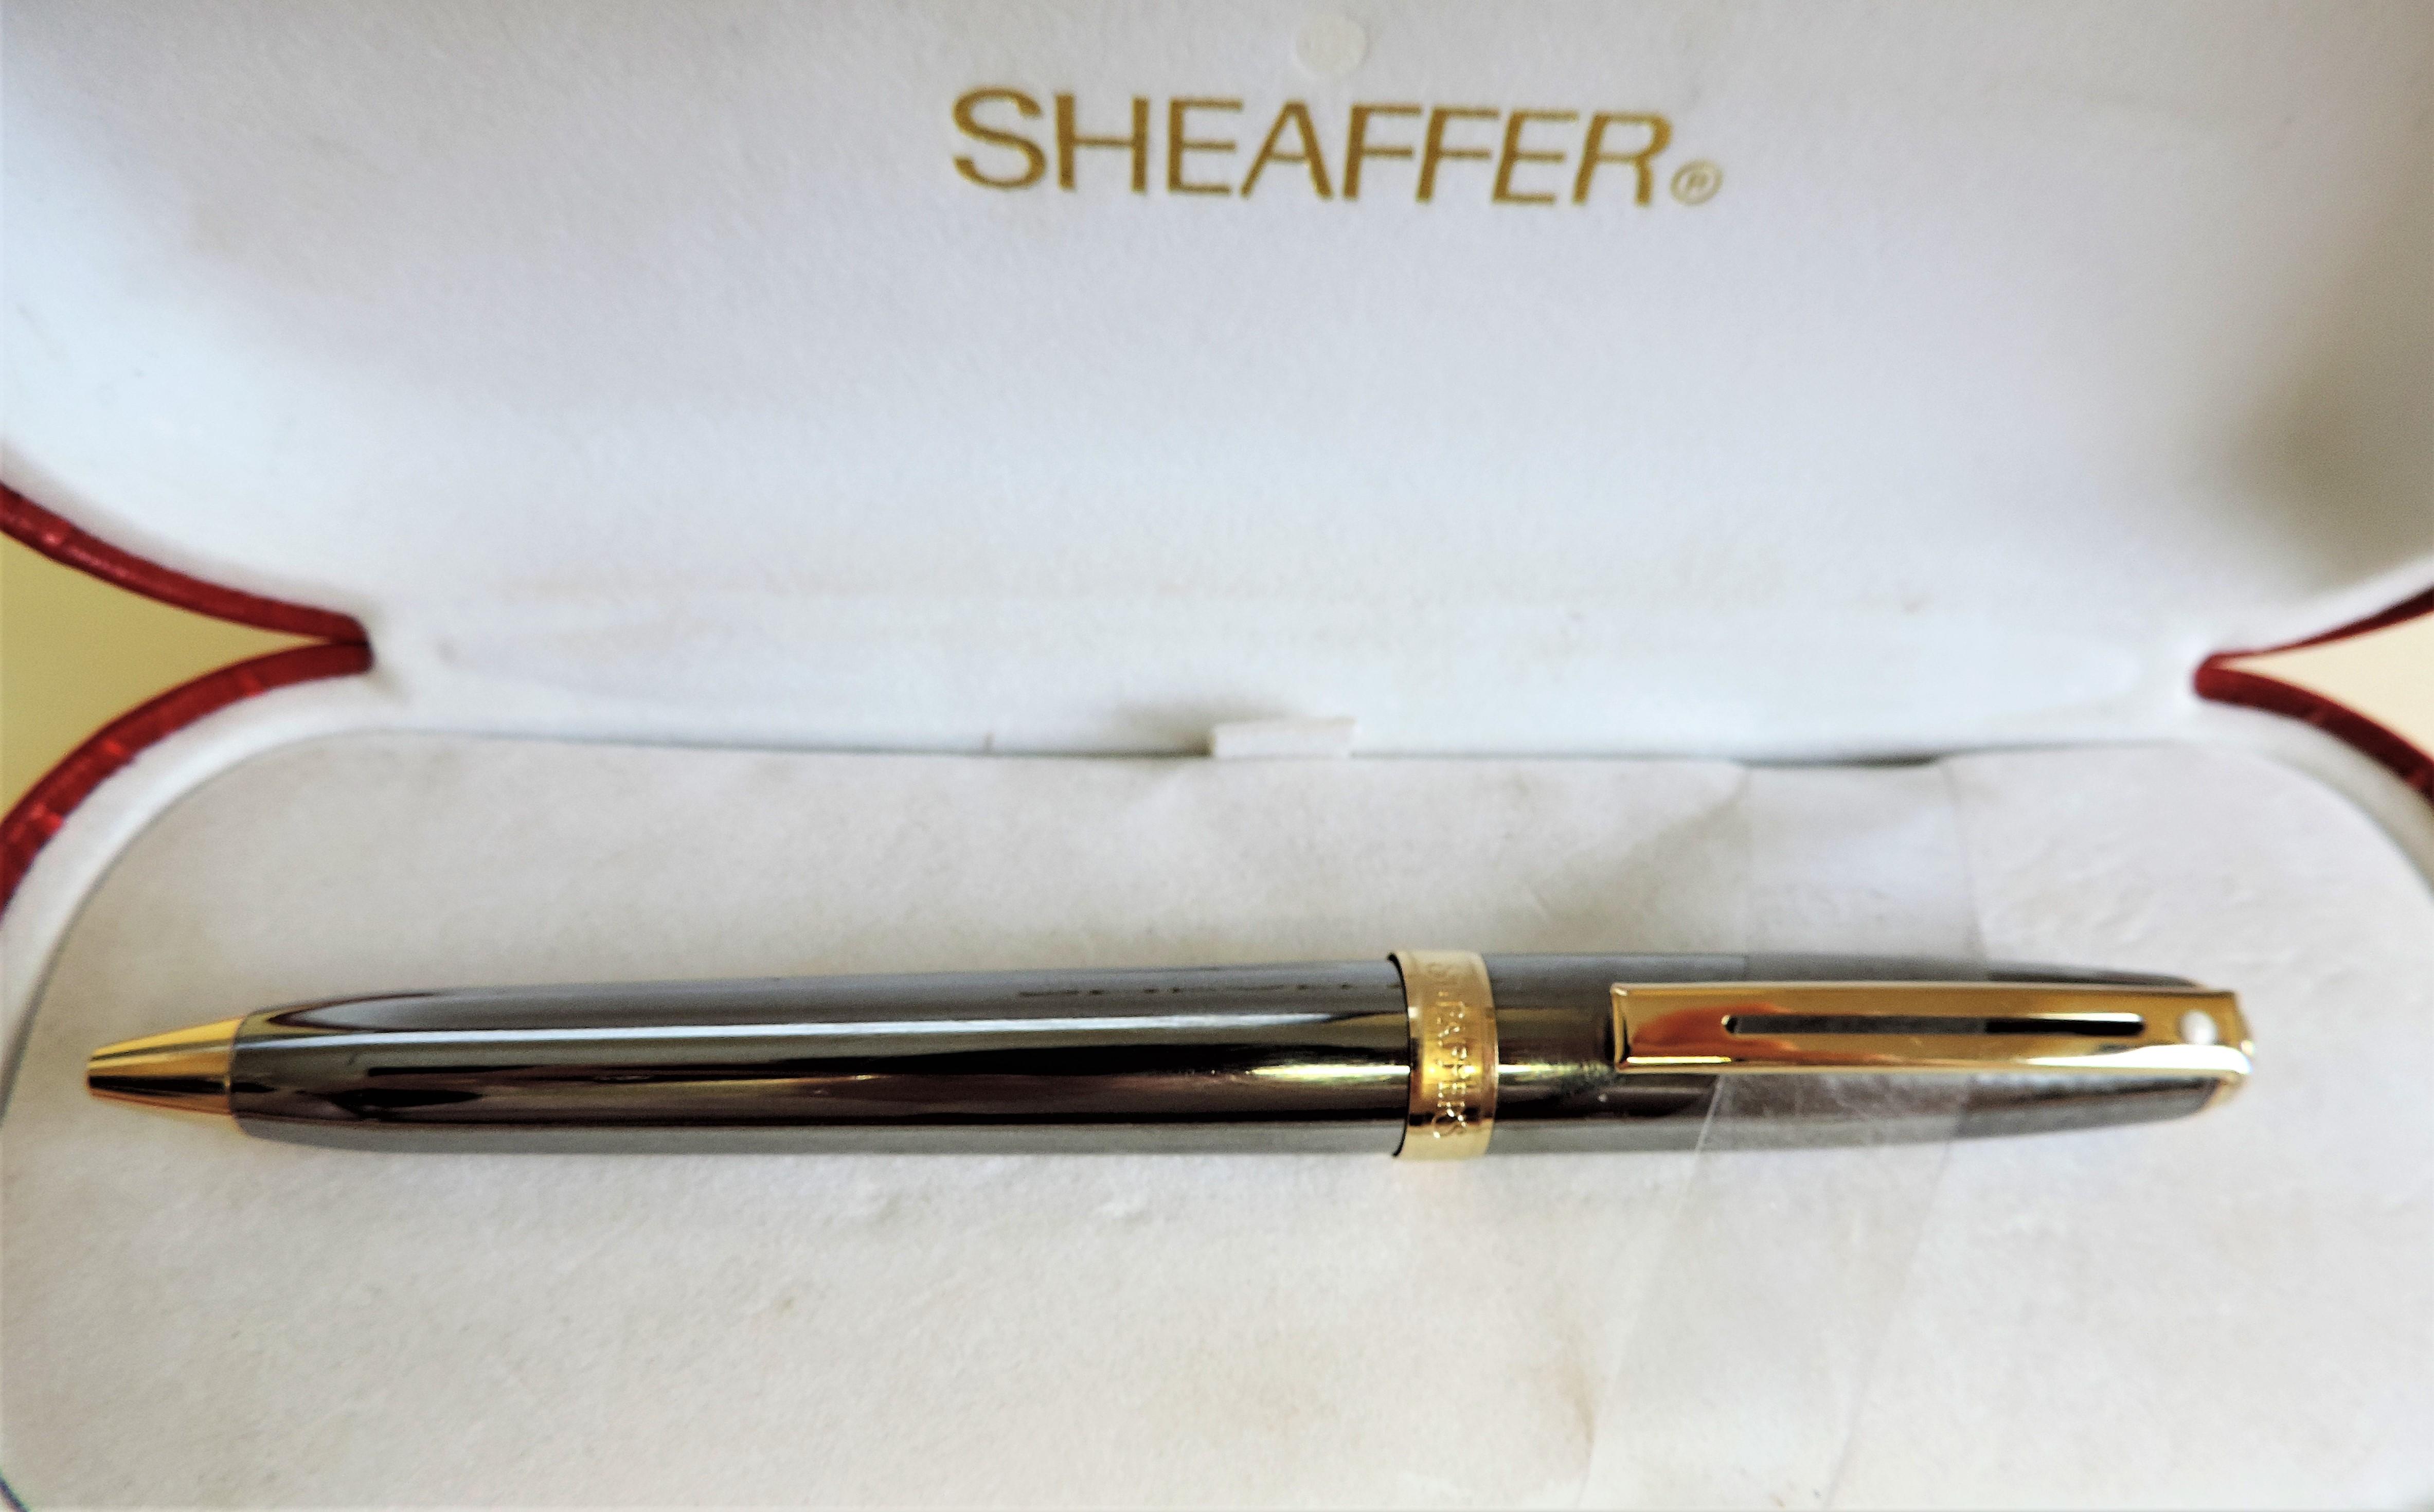 New Boxed Sheaffer Prelude Ballpoint Pen - Image 3 of 3